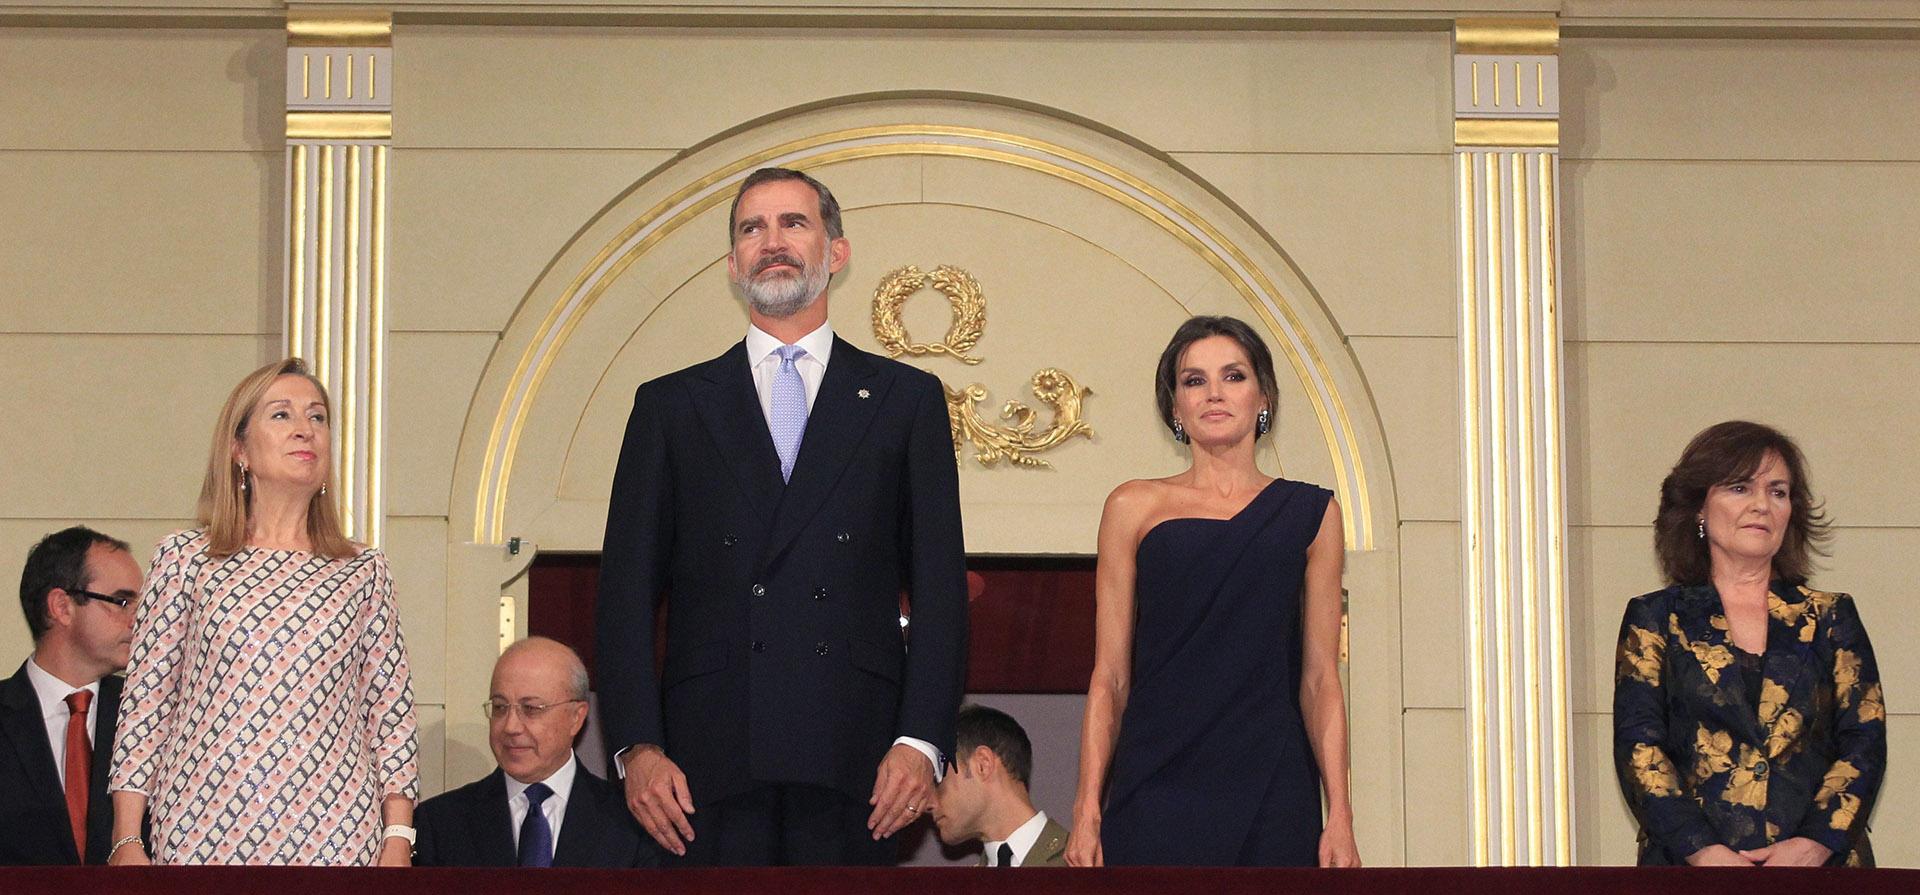 Felipe y Letizia de España durante la inauguración de la temporada del Teatro Real, en Madrid